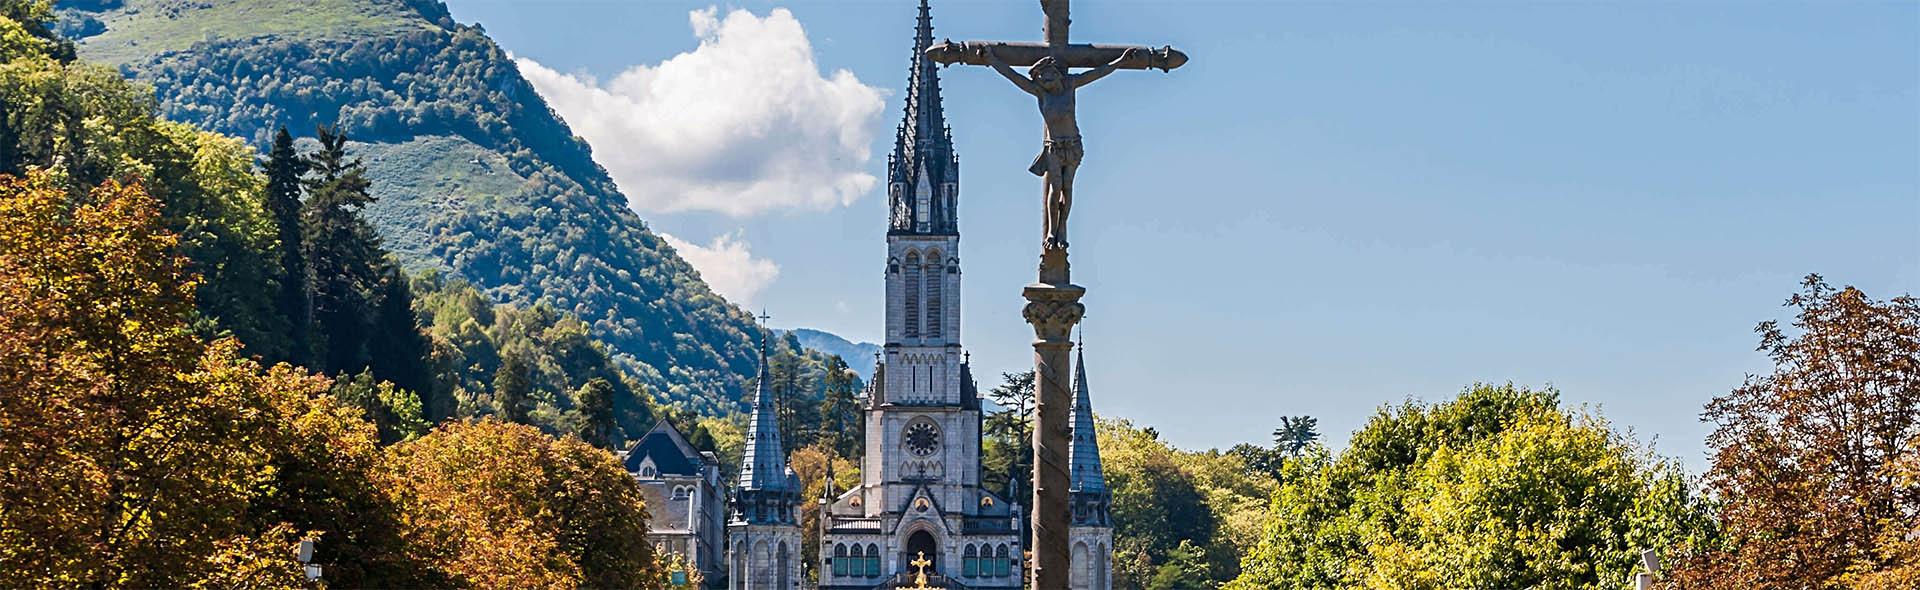 Pellegrinaggio a Lourdes in Pullman dal Nord Agosto